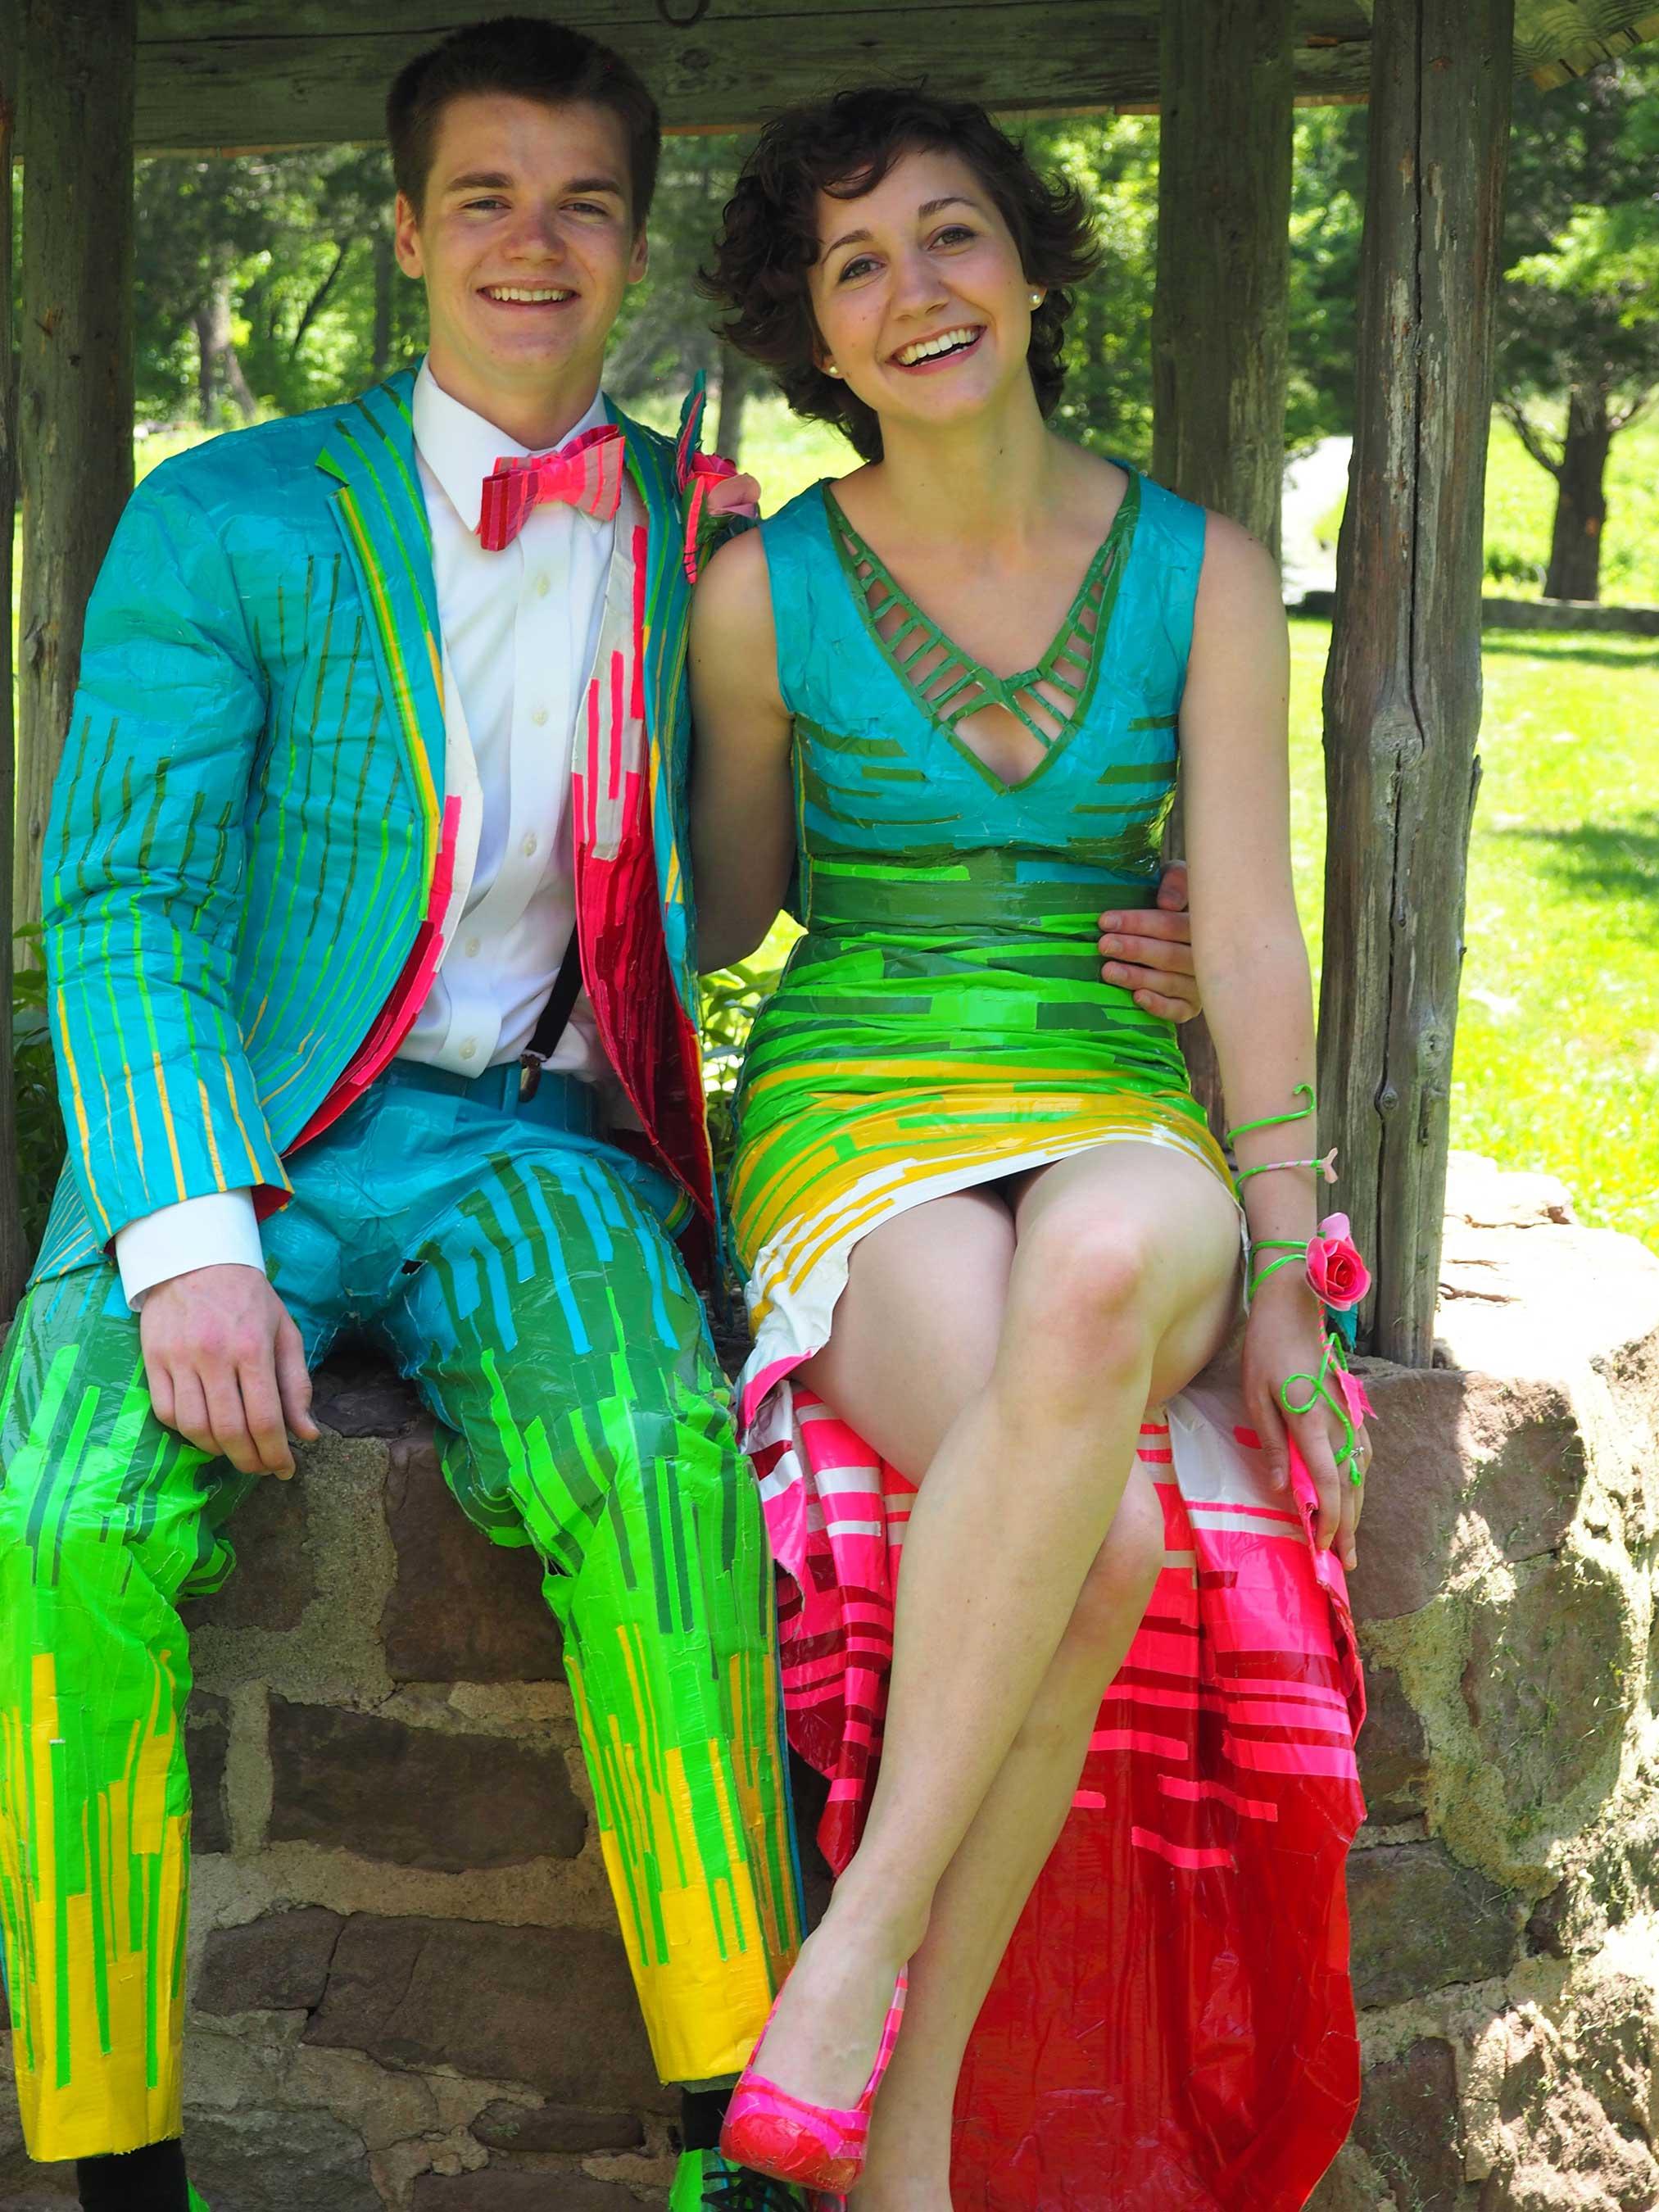 Fullsize Of Duct Tape Prom Dress